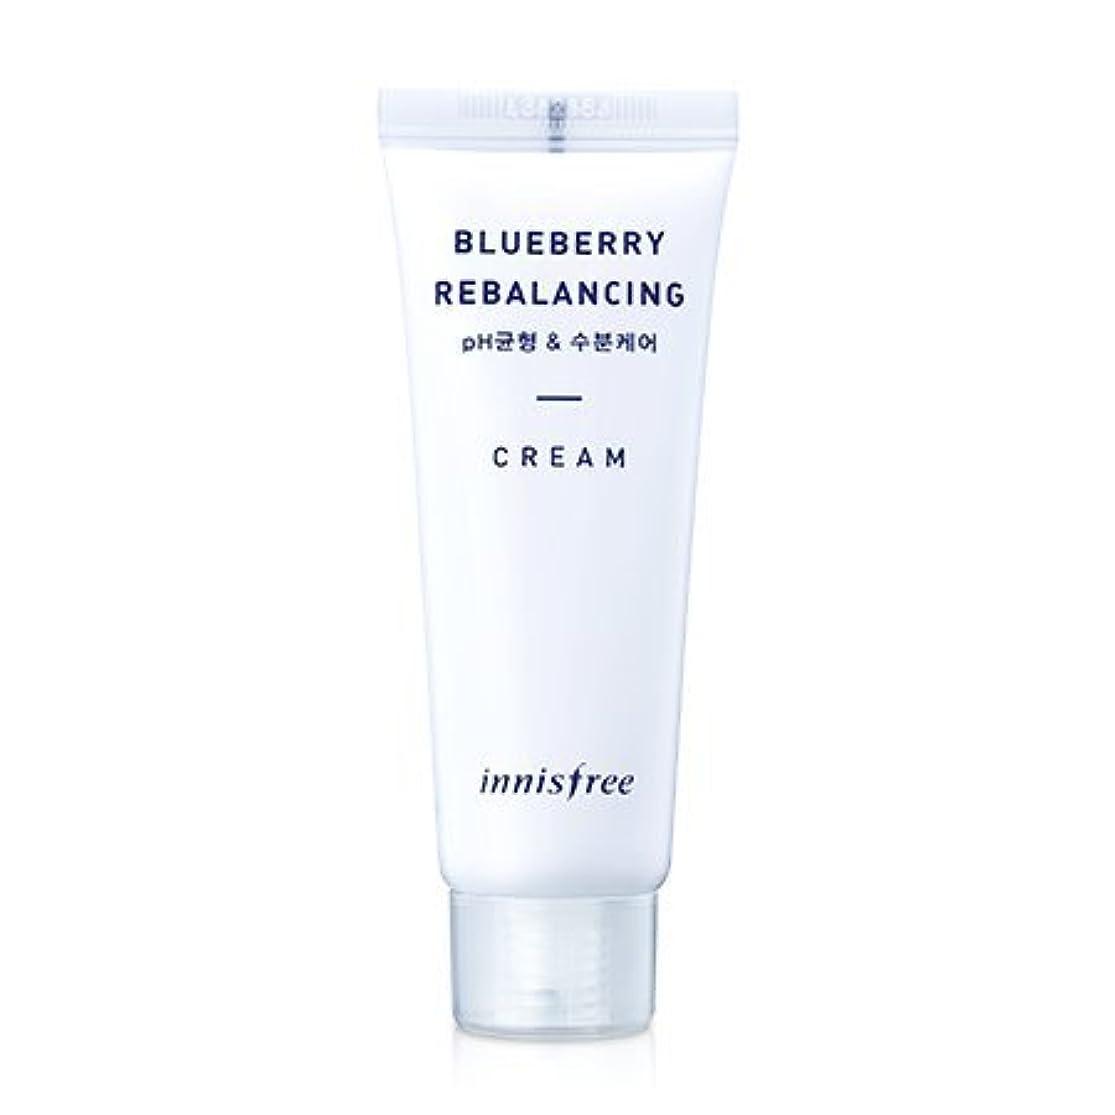 とげノイズ執着[innisfree(イニスフリー)] Super food_ Blueberry rebalancing cream (50ml) スーパーフード_ブルーベリーリベルロンシンクリーム[並行輸入品][海外直送品]